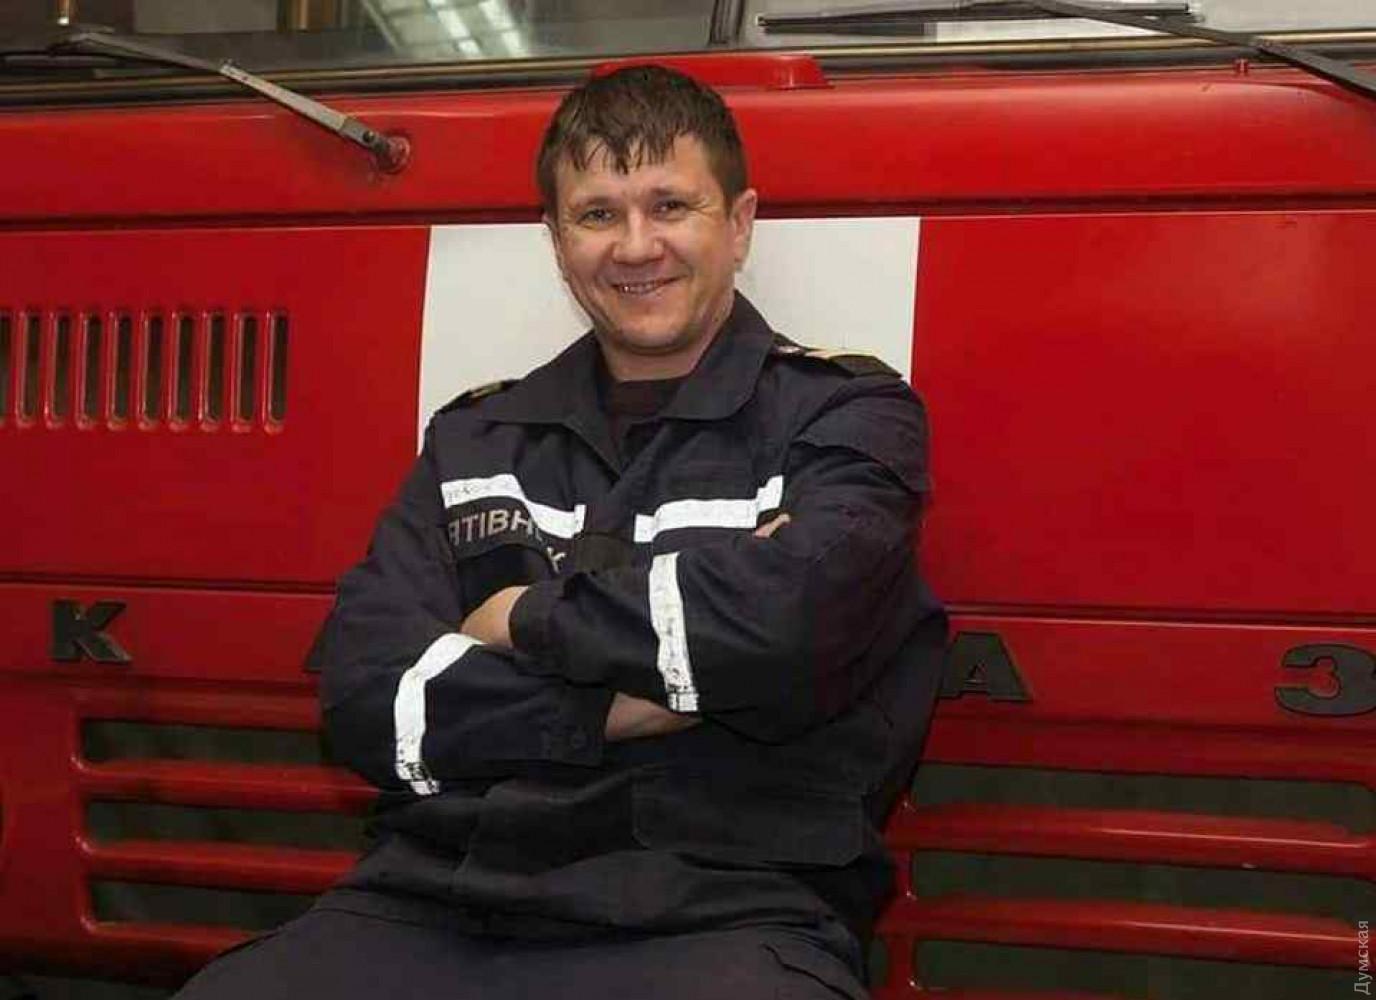 Умер спасатель, получивший травмы при эвакуации людей из горящего здания в Одессе, - глава ОГА Куцый - Цензор.НЕТ 7336